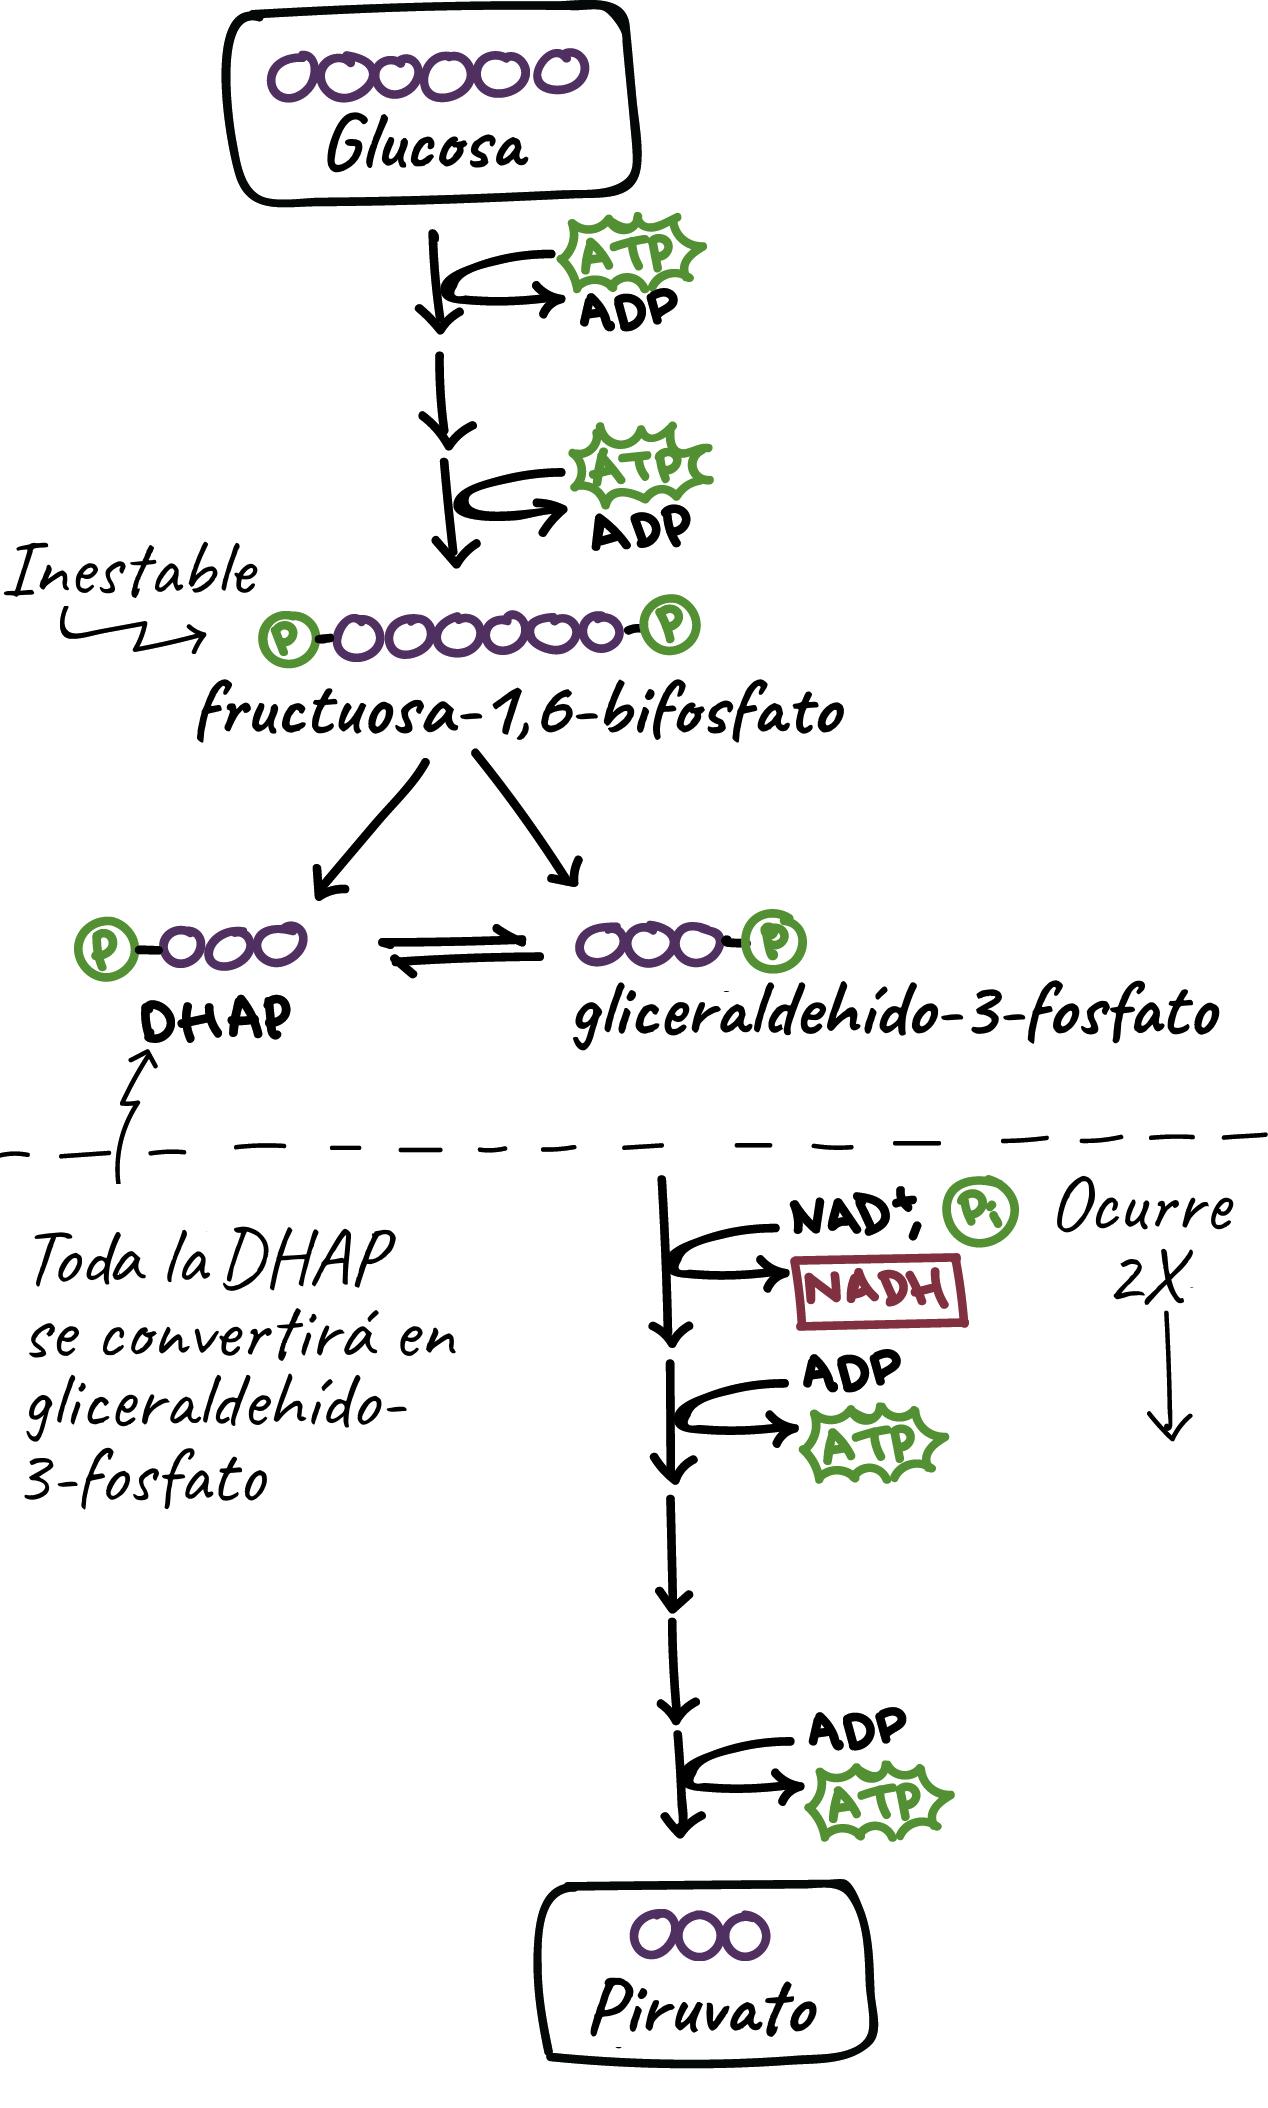 Estructura química de la glucosa